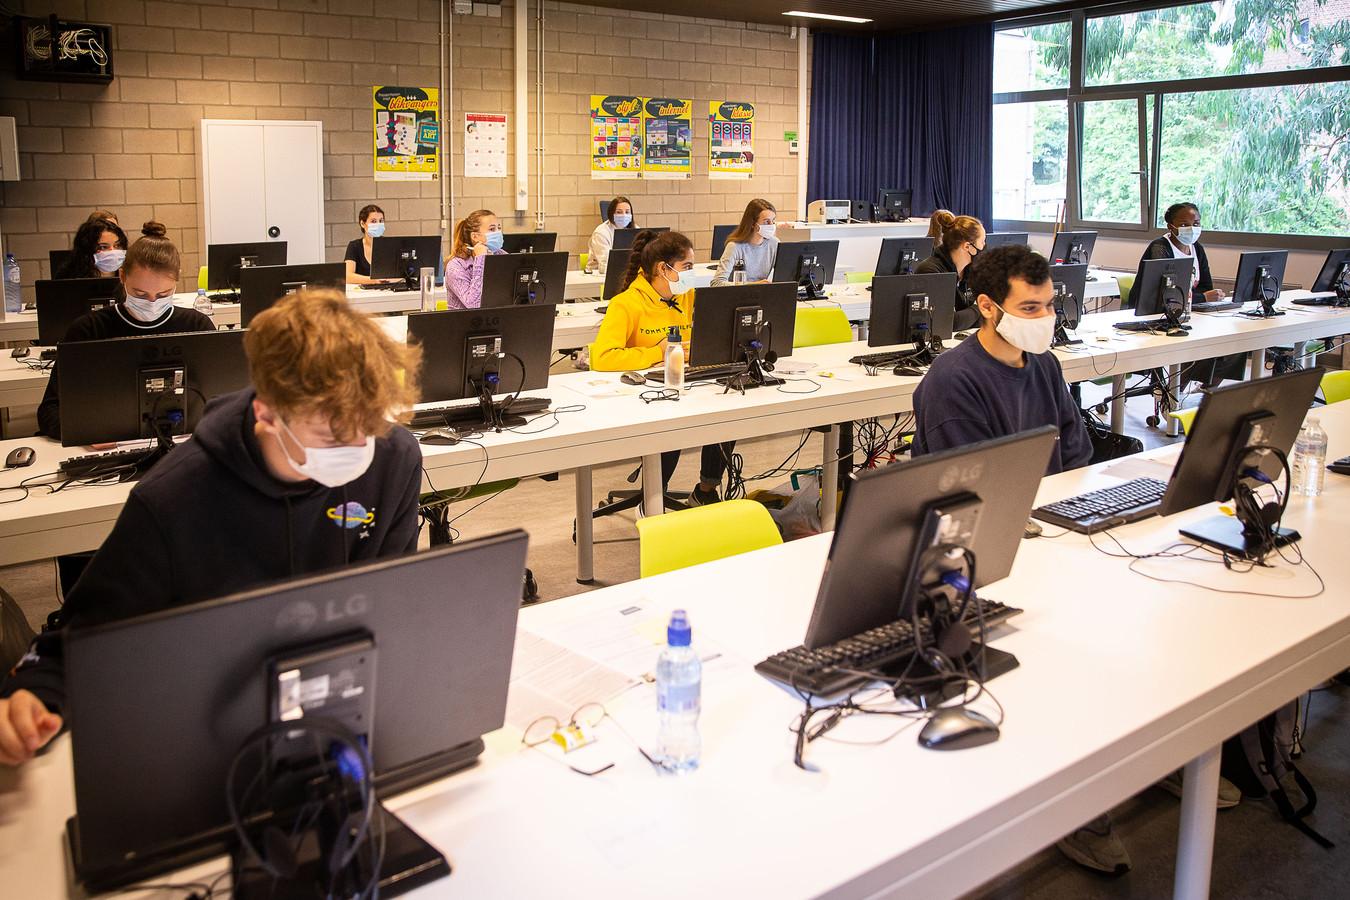 Eén van de 105 locaties waar vandaag het toelatingsexamen geneeskunde plaatsvindt. Voor het eerst wordt het examen digitaal afgenomen.